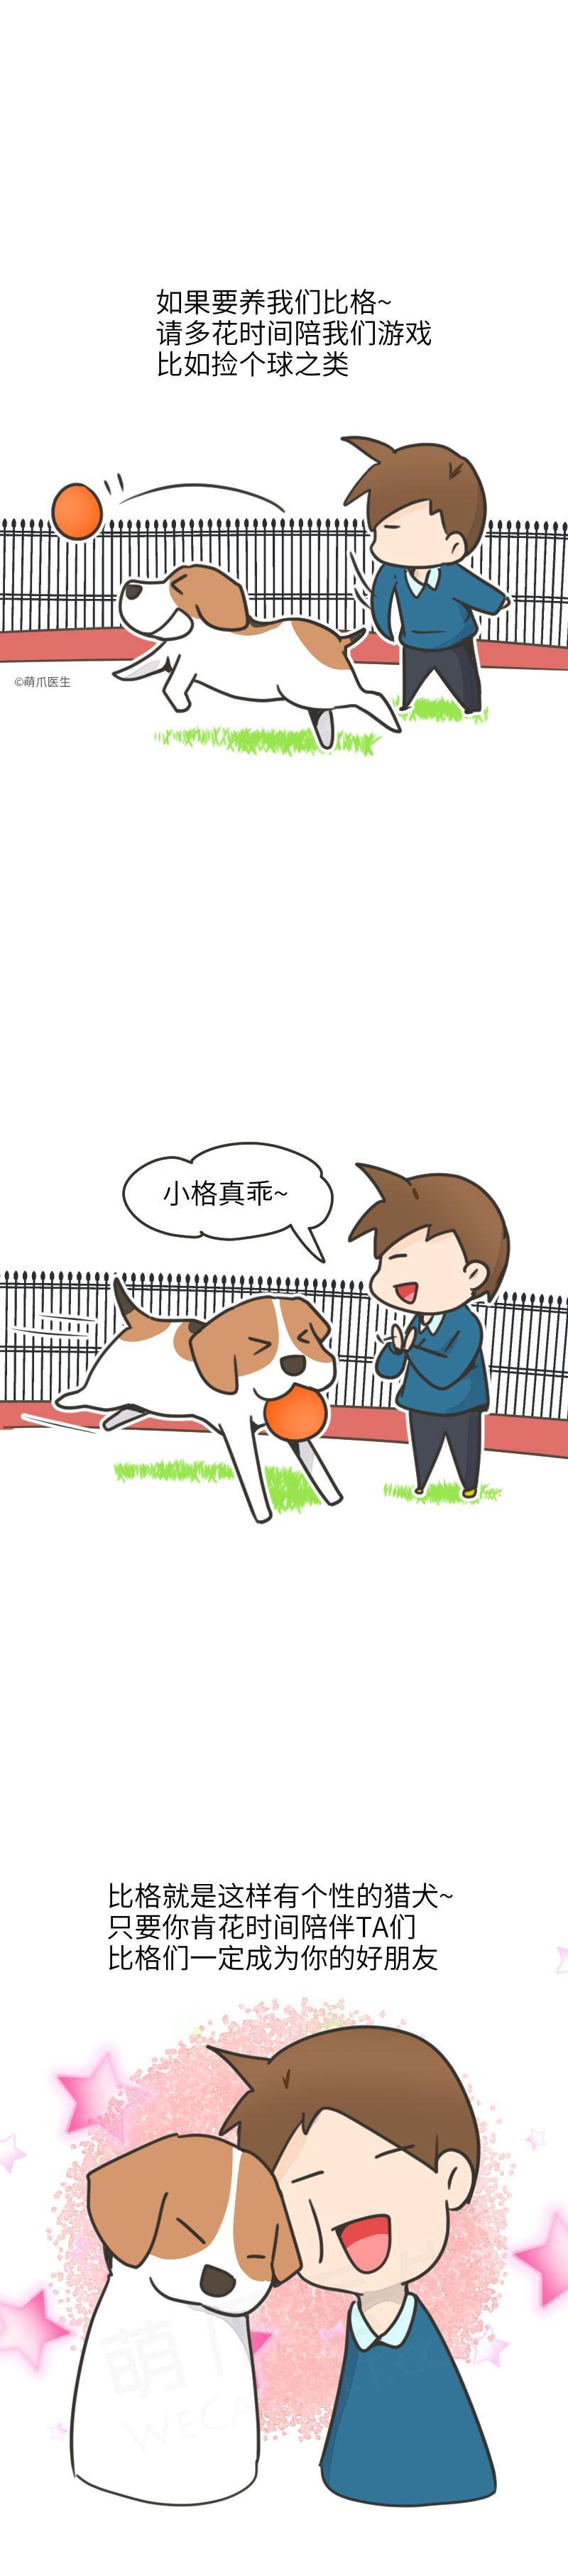 比格犬逼格最高的狗,名字说明了一切!